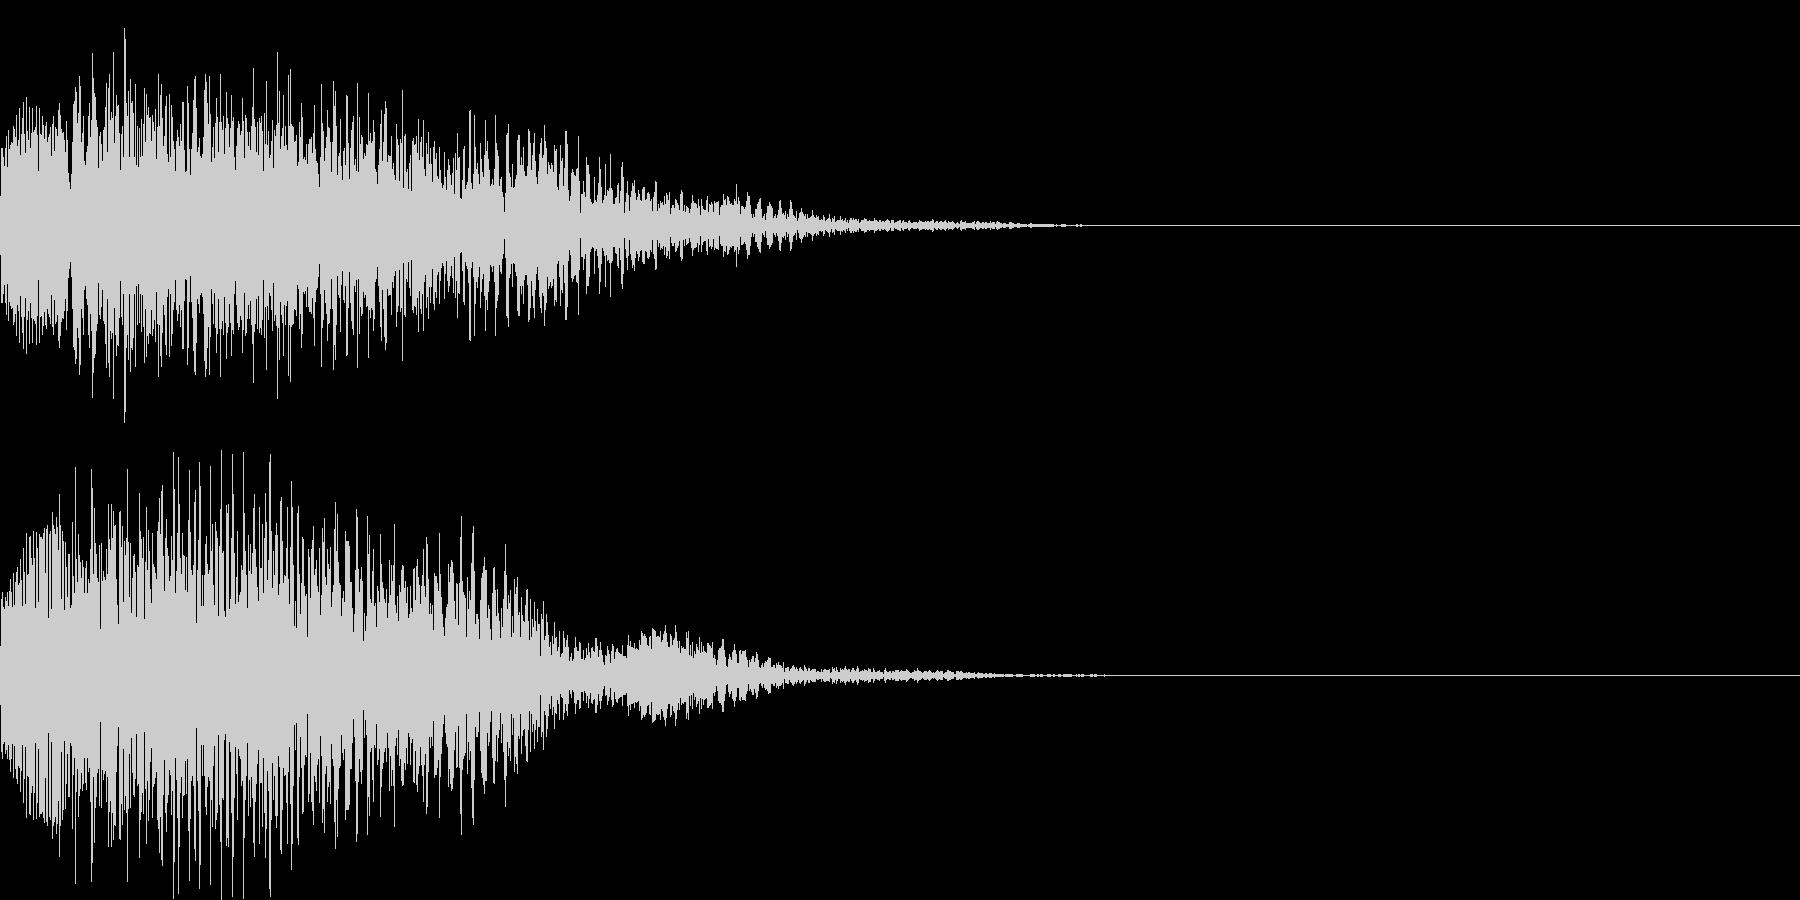 システム音46の未再生の波形